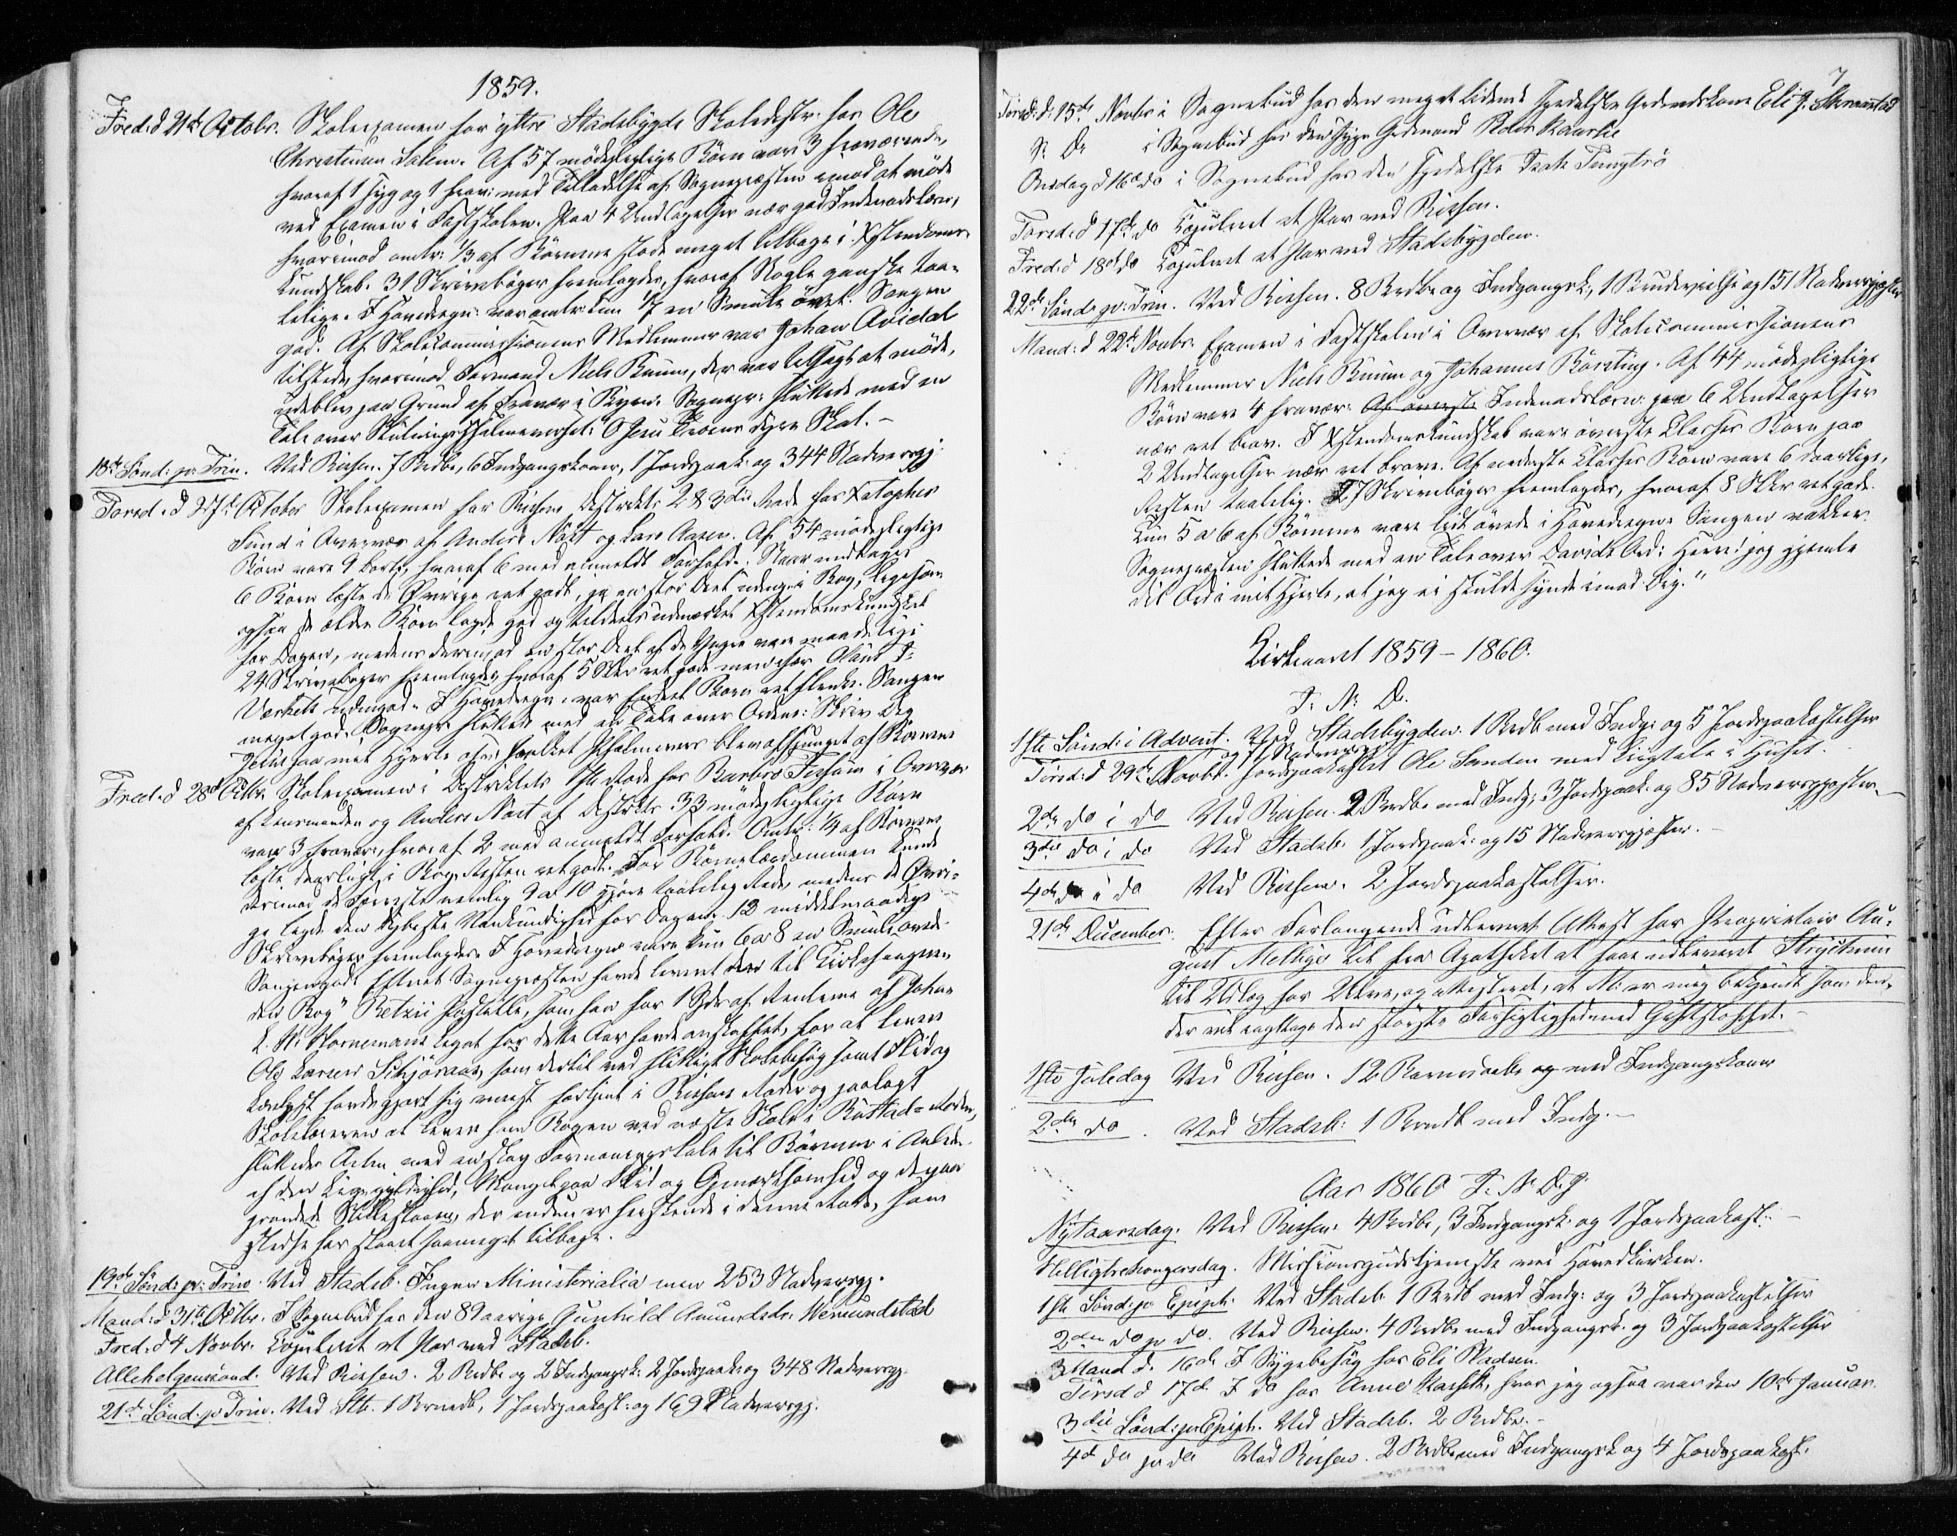 SAT, Ministerialprotokoller, klokkerbøker og fødselsregistre - Sør-Trøndelag, 646/L0612: Ministerialbok nr. 646A10, 1858-1869, s. 7